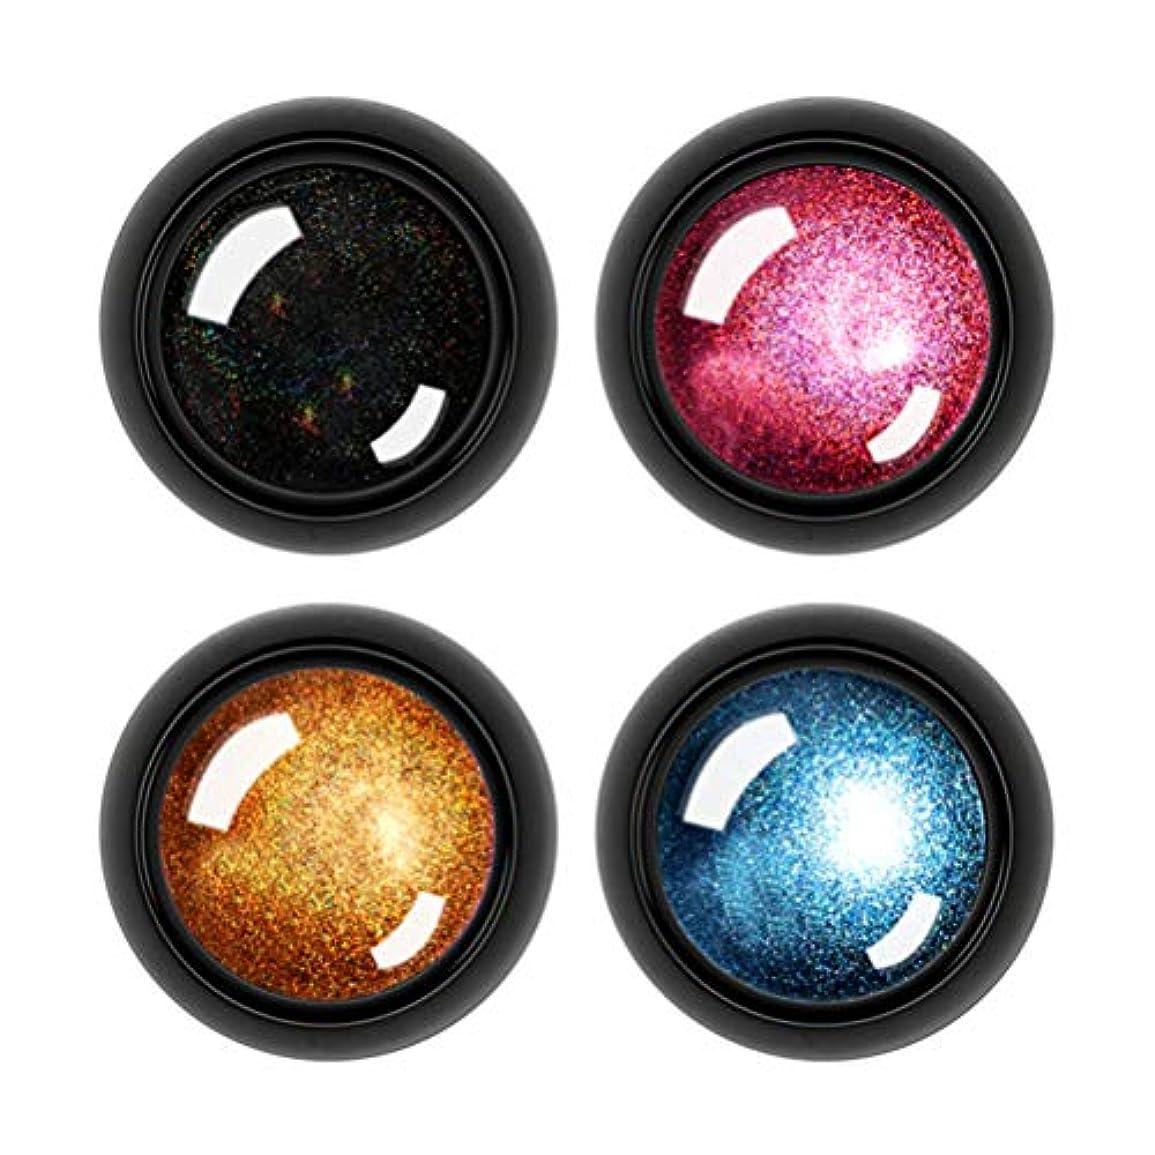 素晴らしさ謎バンドルFrcolor ネイルパウダー ネイルアート ミラーパウダー ネイルオーロラ ユニコーンパウダー 輝く 鏡面 金属調 4色セット